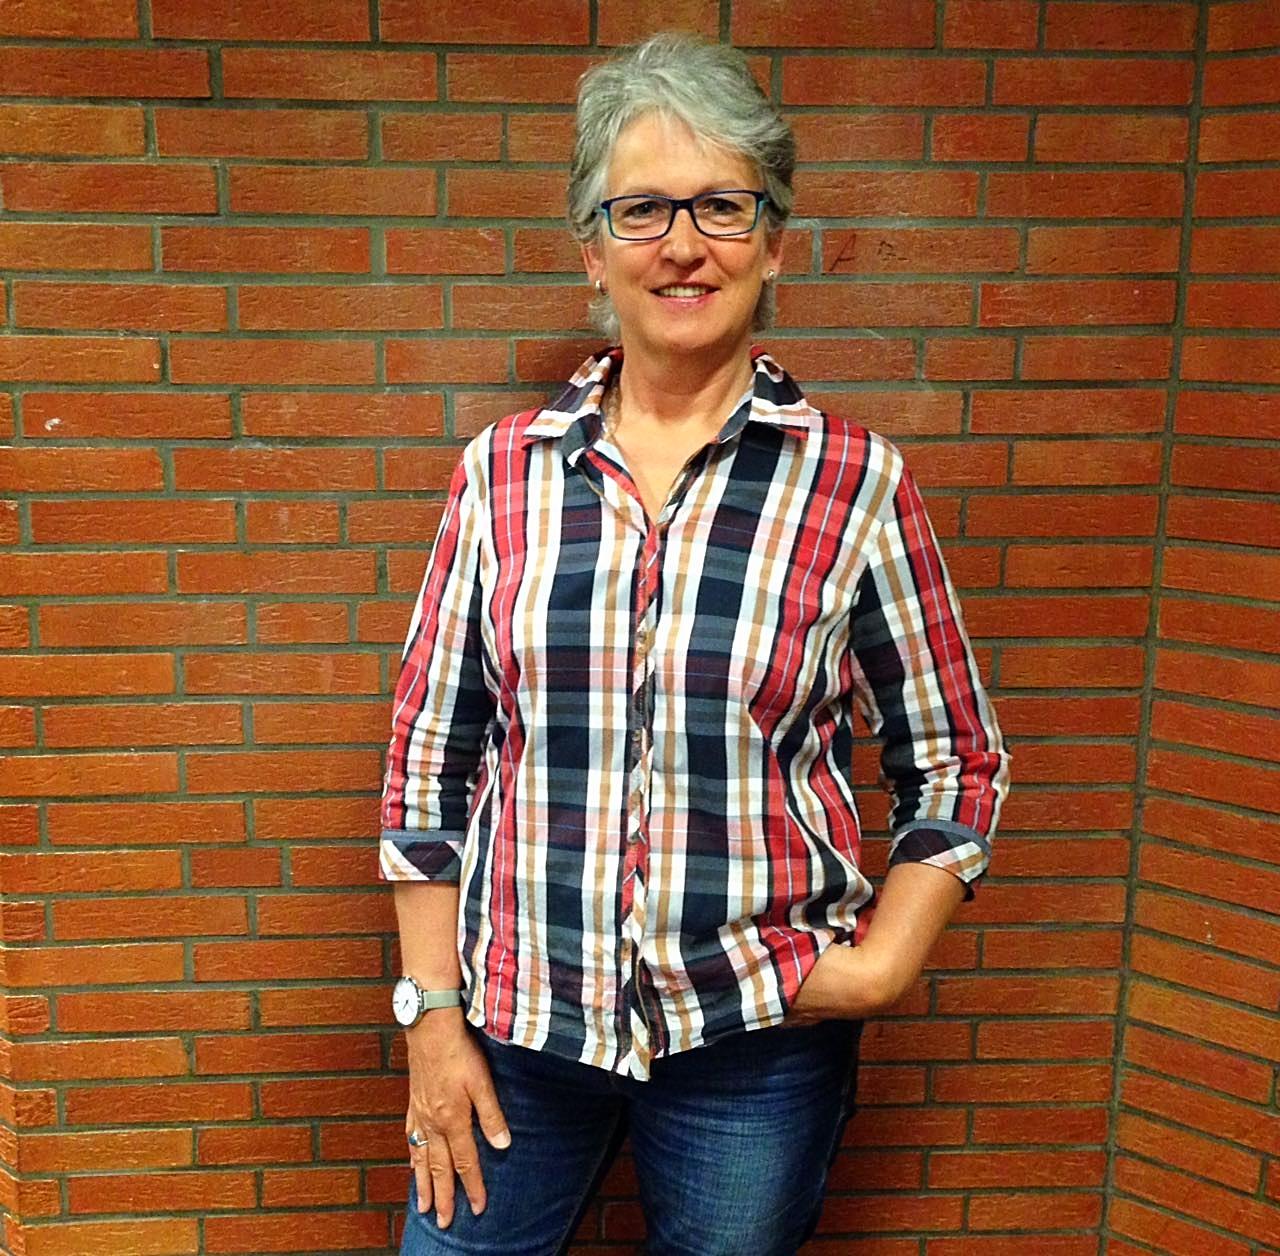 """""""Ehrenamt ist keine Einbahnstraße"""" - das ist das Motto von Anne Jannsen, der Leiterin des Mehrgenerationenhauses in Norden."""